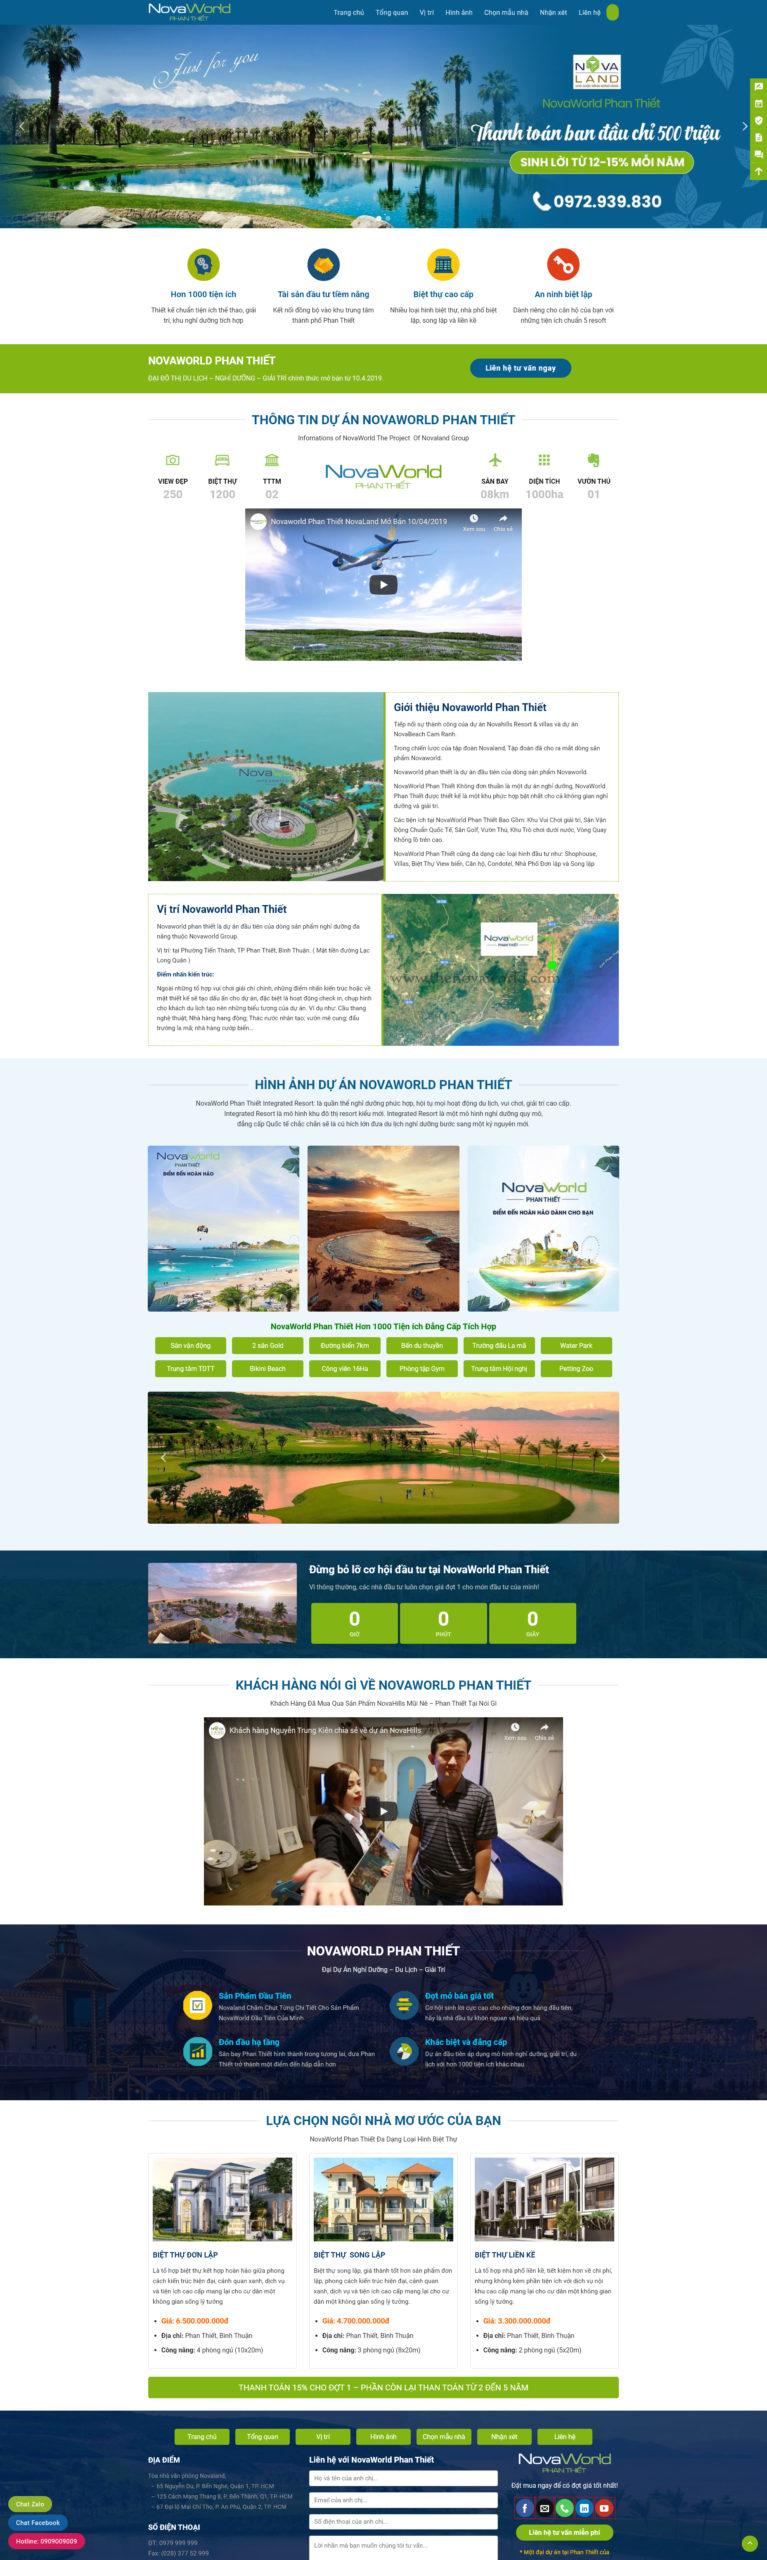 Mẫu Thiết kế Landing page dự án Novaworld